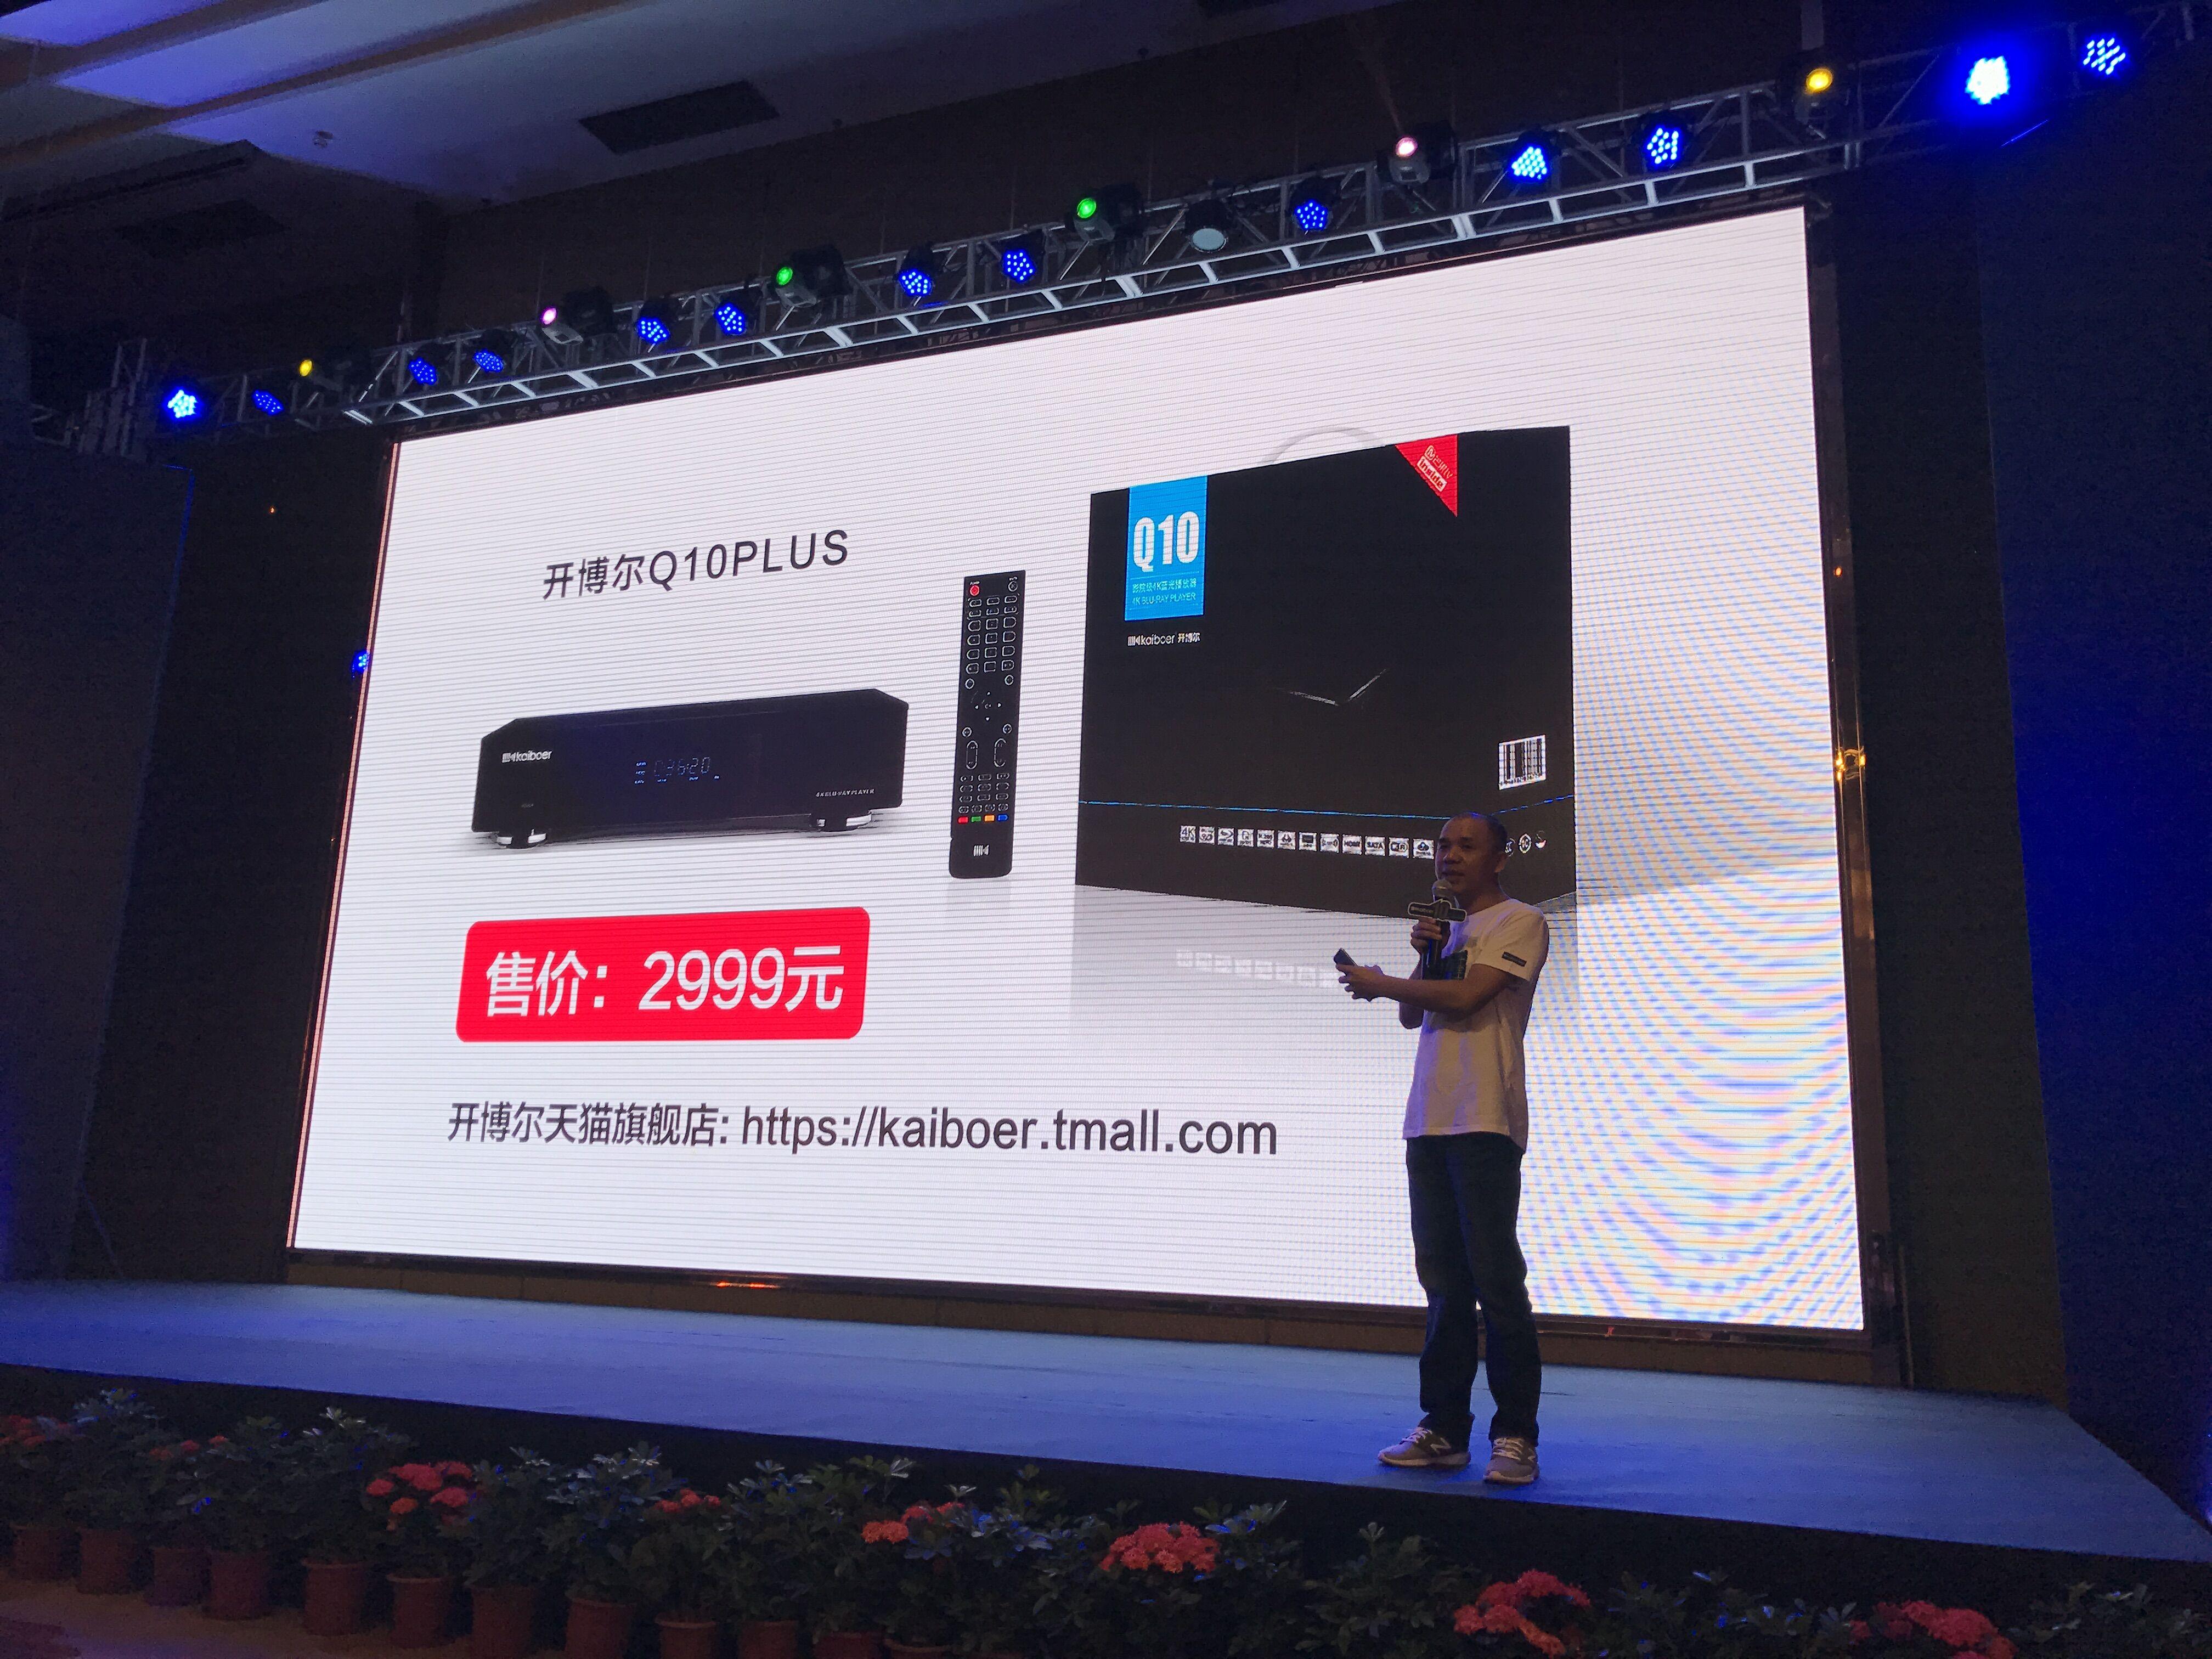 开博尔Q10plus如何通过U盘安装第三方电视应用